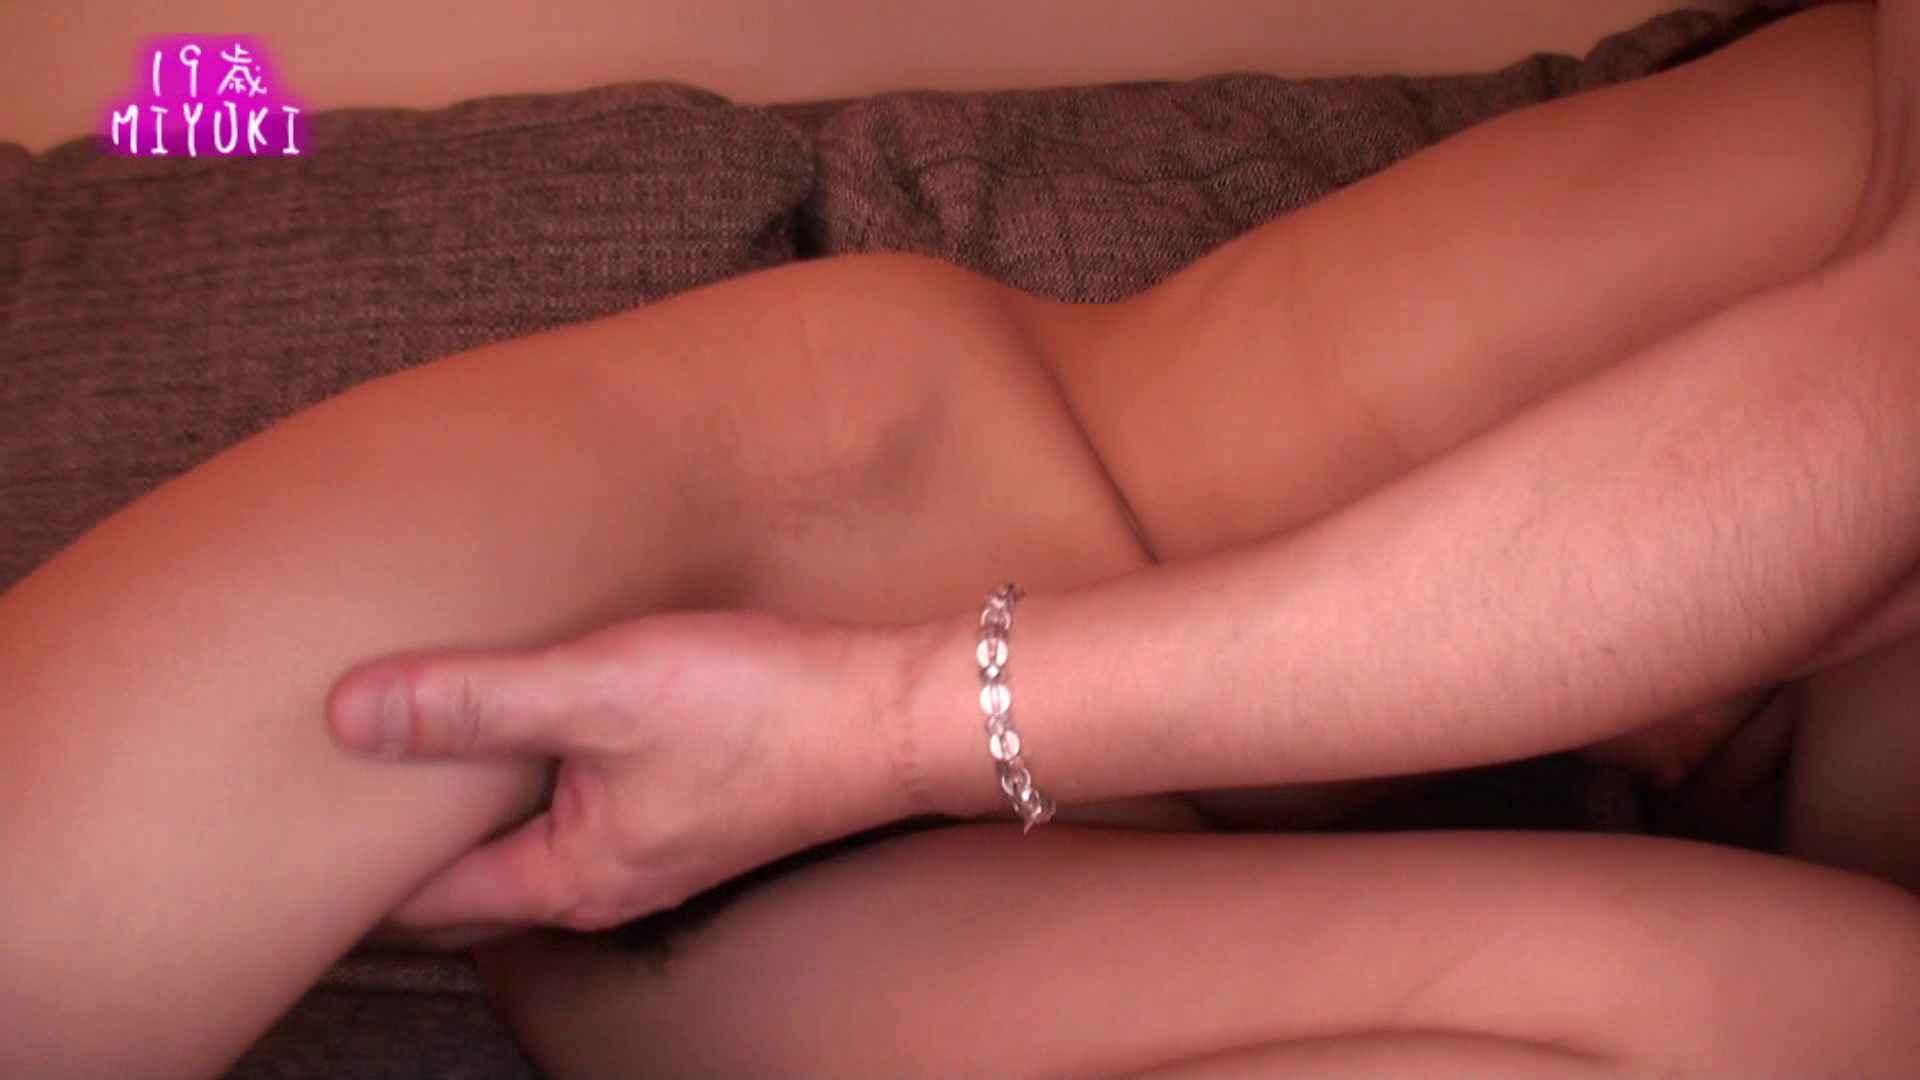 19歳MIYUKIちゃんのフェラ気持ち良さそうです 素人 | メーカー直接買い取り  57pic 15